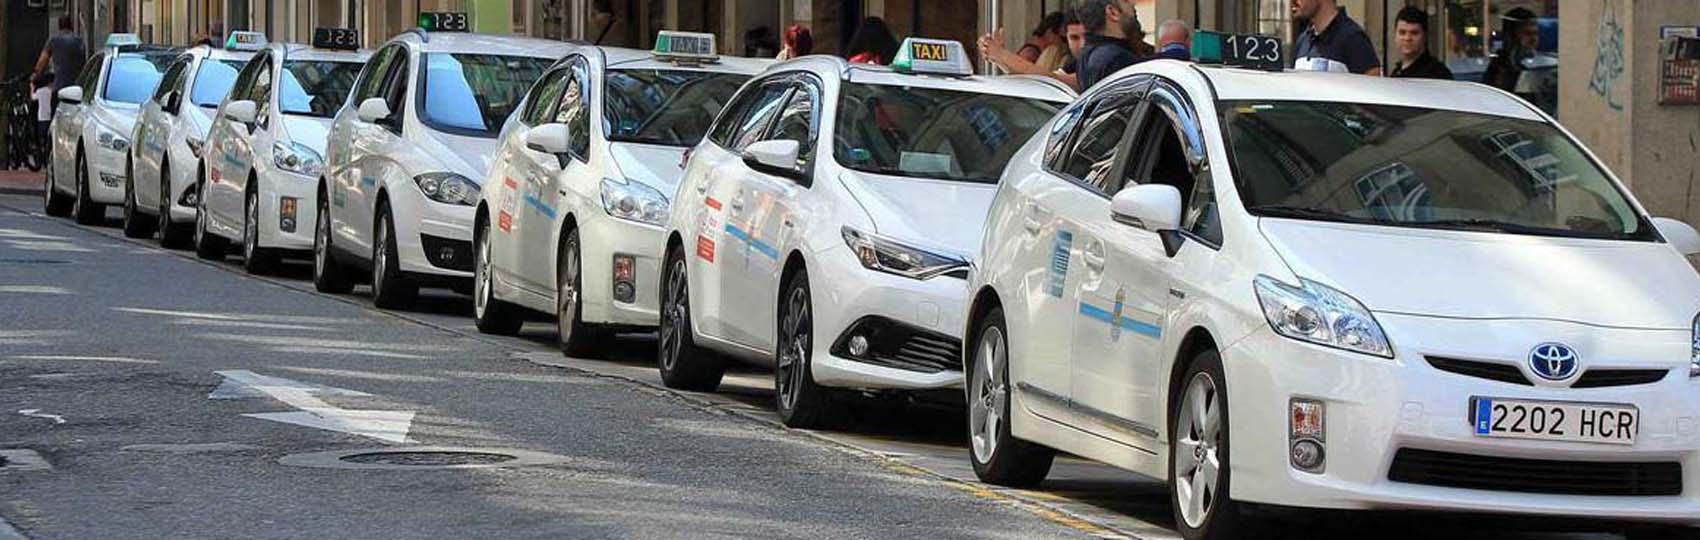 Noticias del sector del taxi y la movilidad en Pontevedra. Mantente informado de todas las noticias del taxi de Pontevedra en el grupo de Facebook de Todo Taxi.